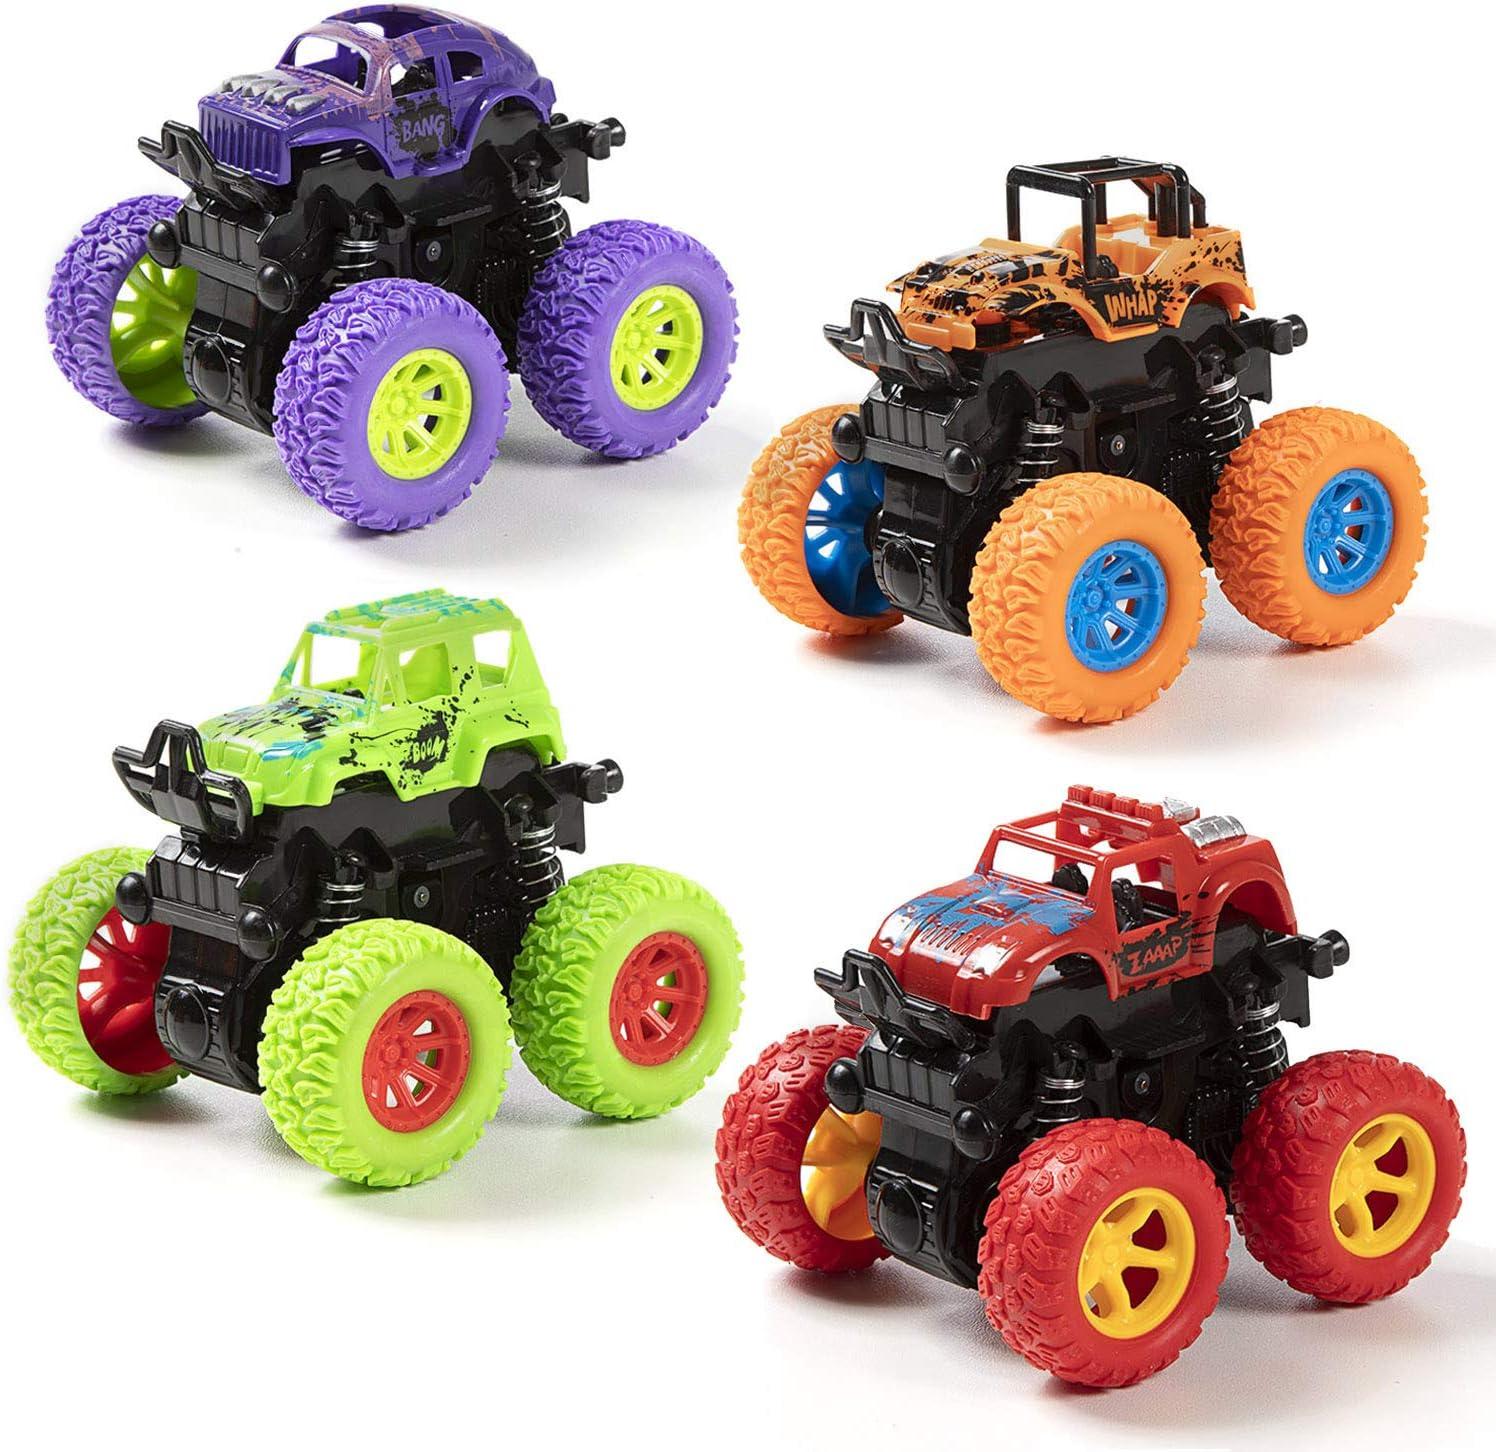 MOOKLIN ROAM 4 Paquetes Niños Camión Monstruo, Inercia Vehiculo Todoterreno Juguete, Autos de Carreras con Rotación de 360 Grados Coches de Juguetes Regalo para Boys Girls 3+ años